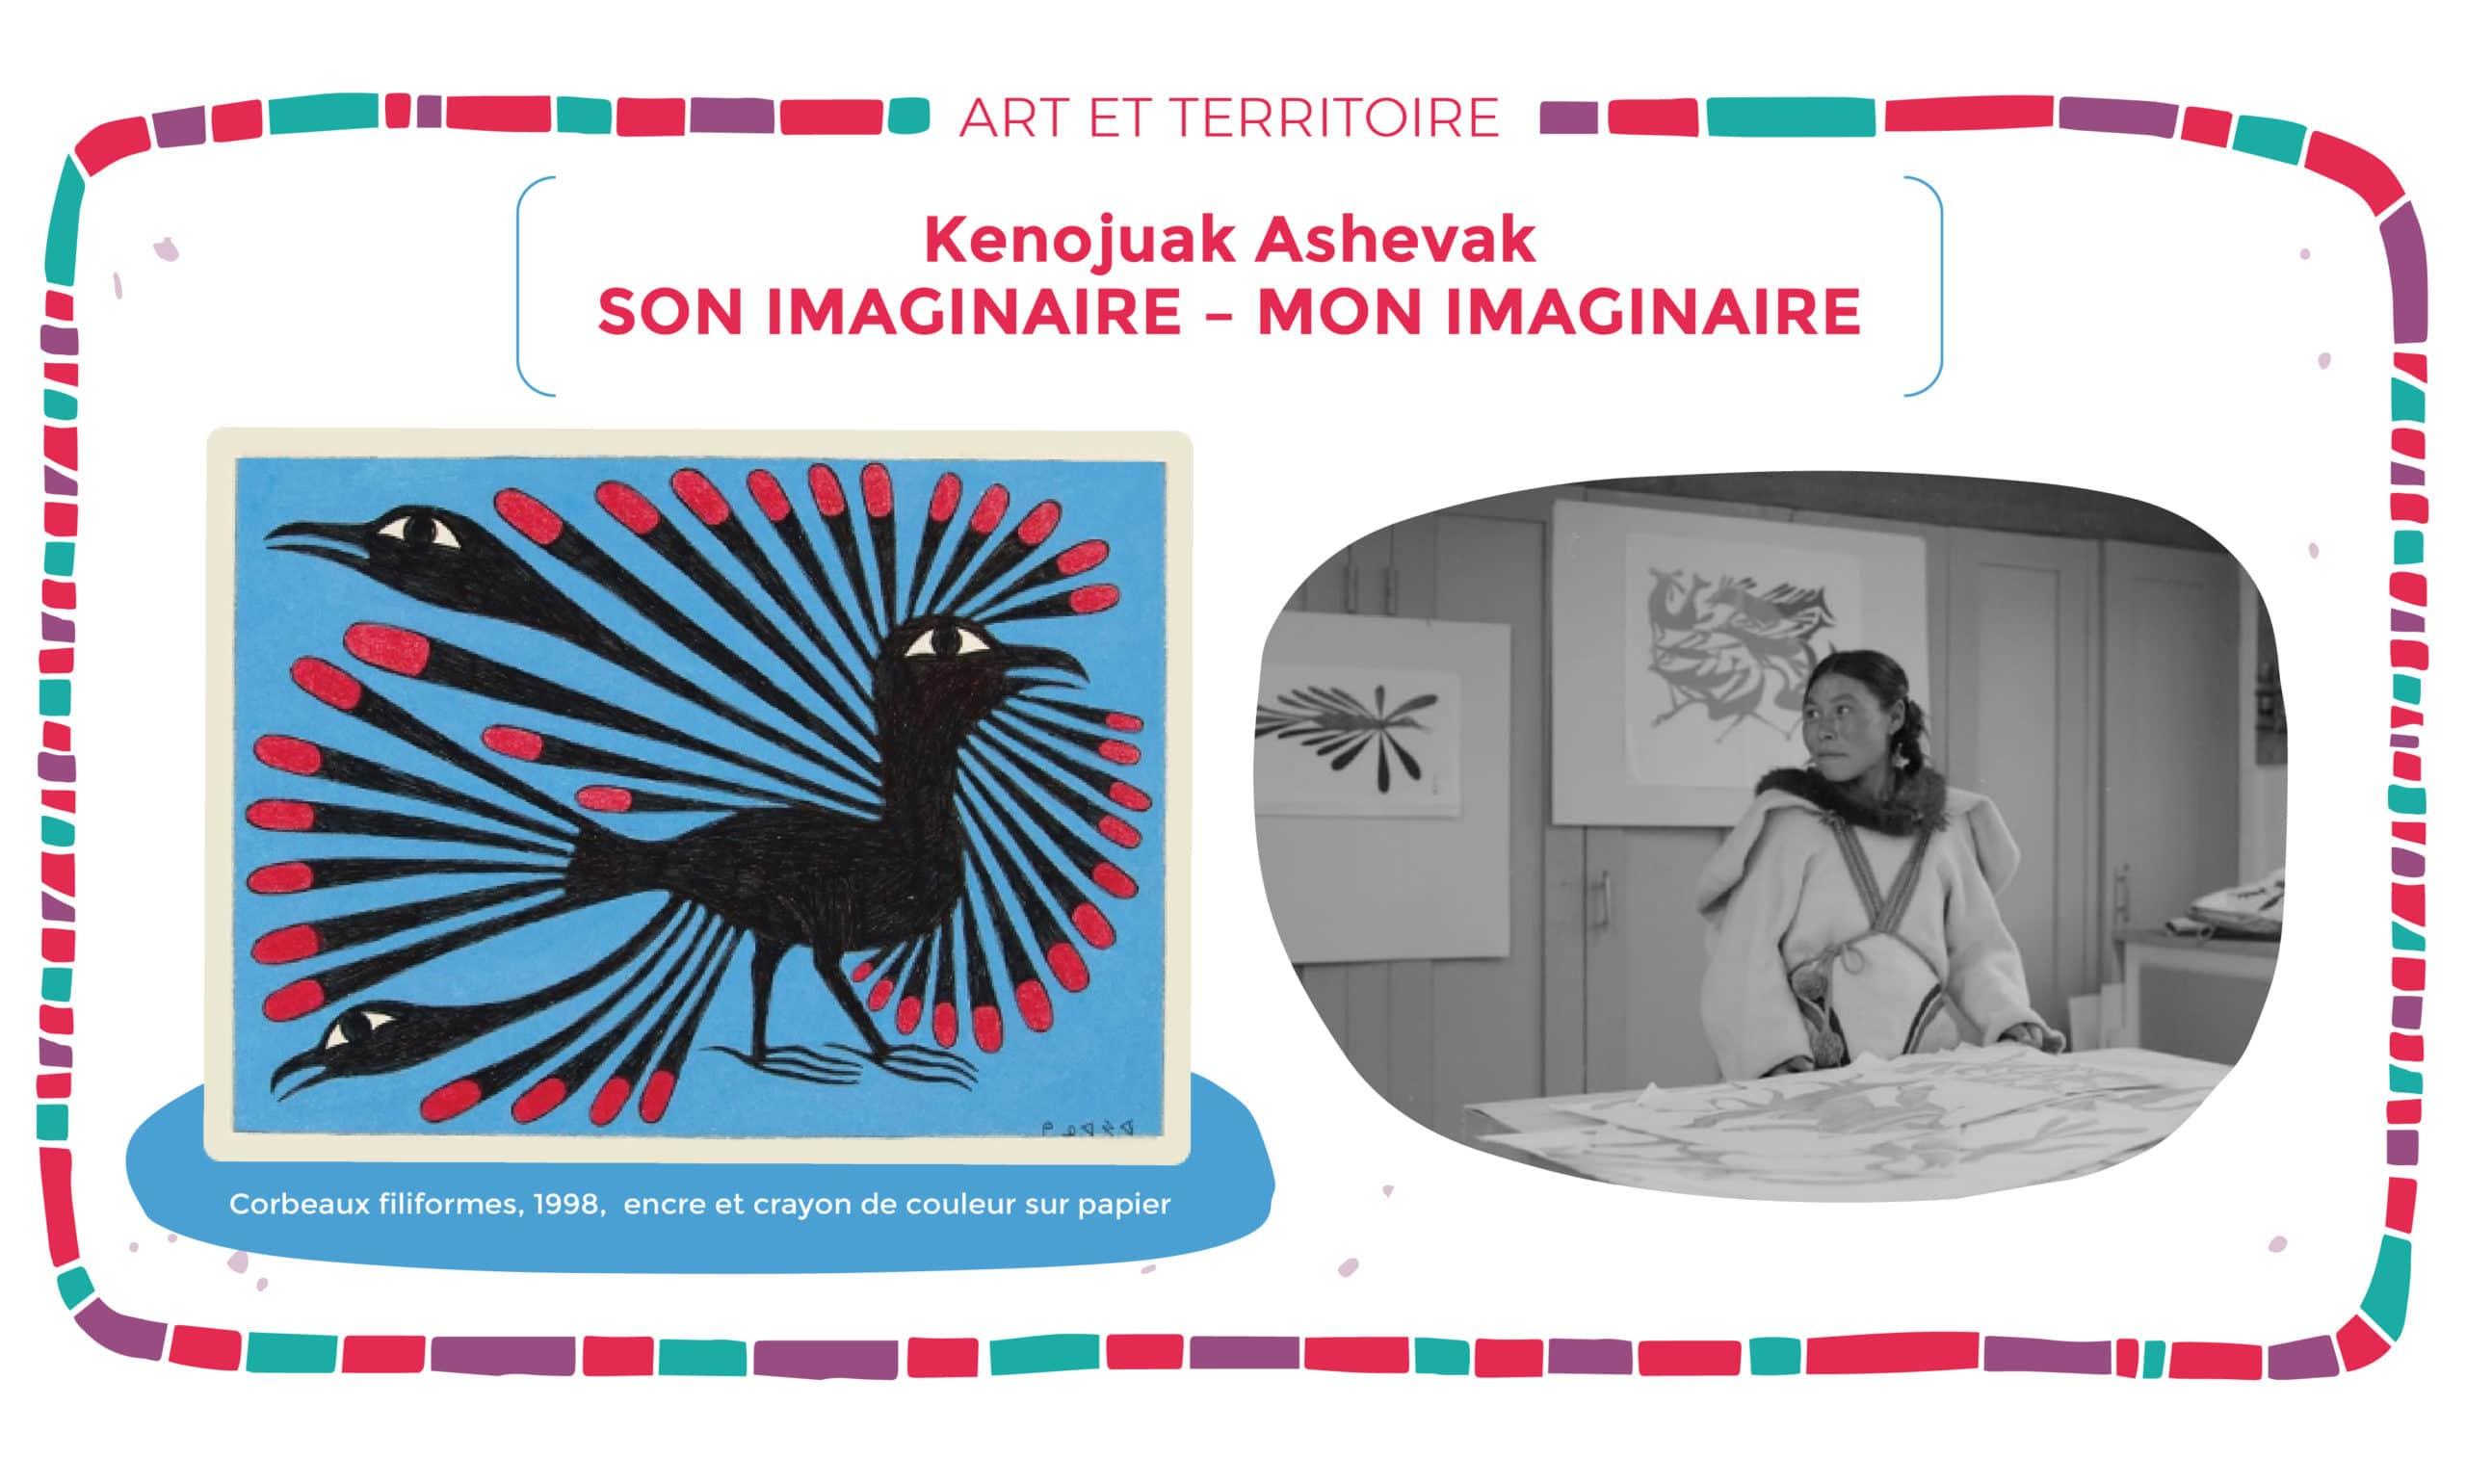 MAIN-Art-et-territoire-02